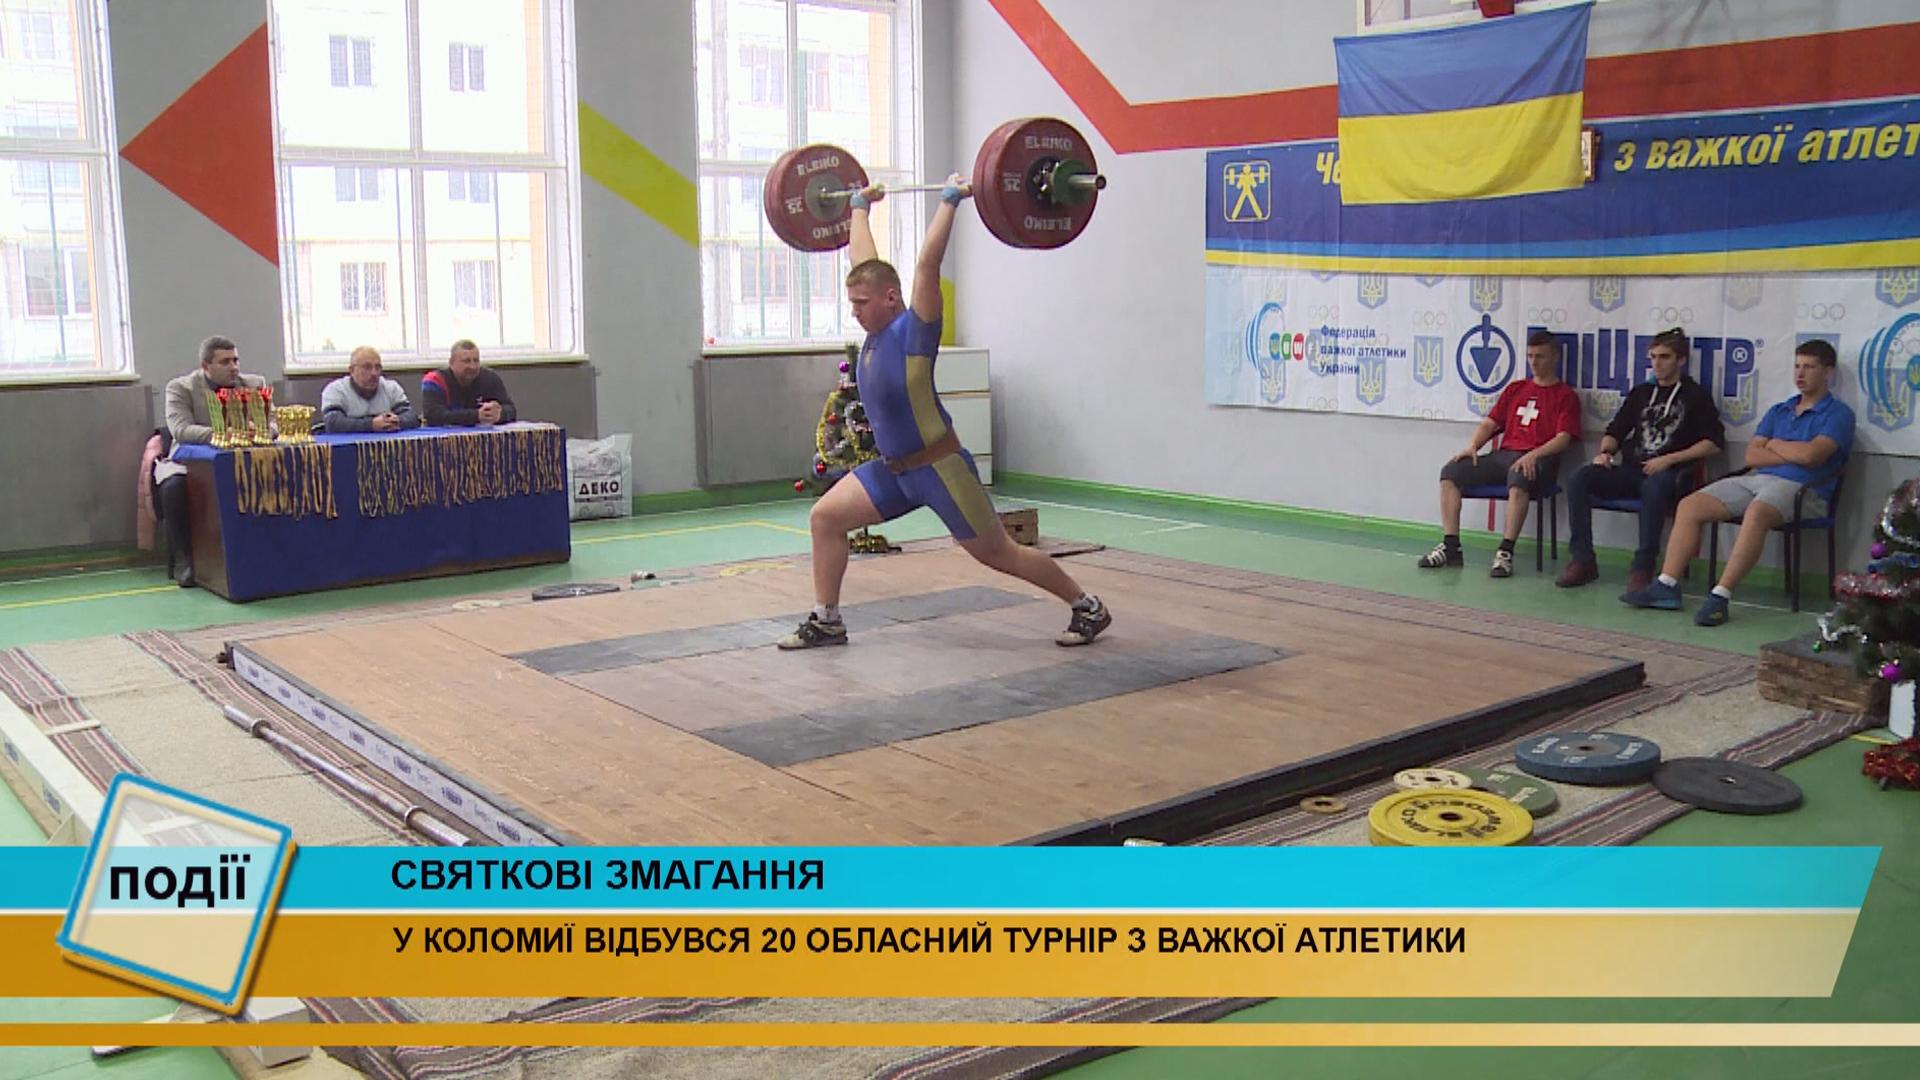 Обласний турнір з важкої атлетики провели у Коломиї (відеосюжет)